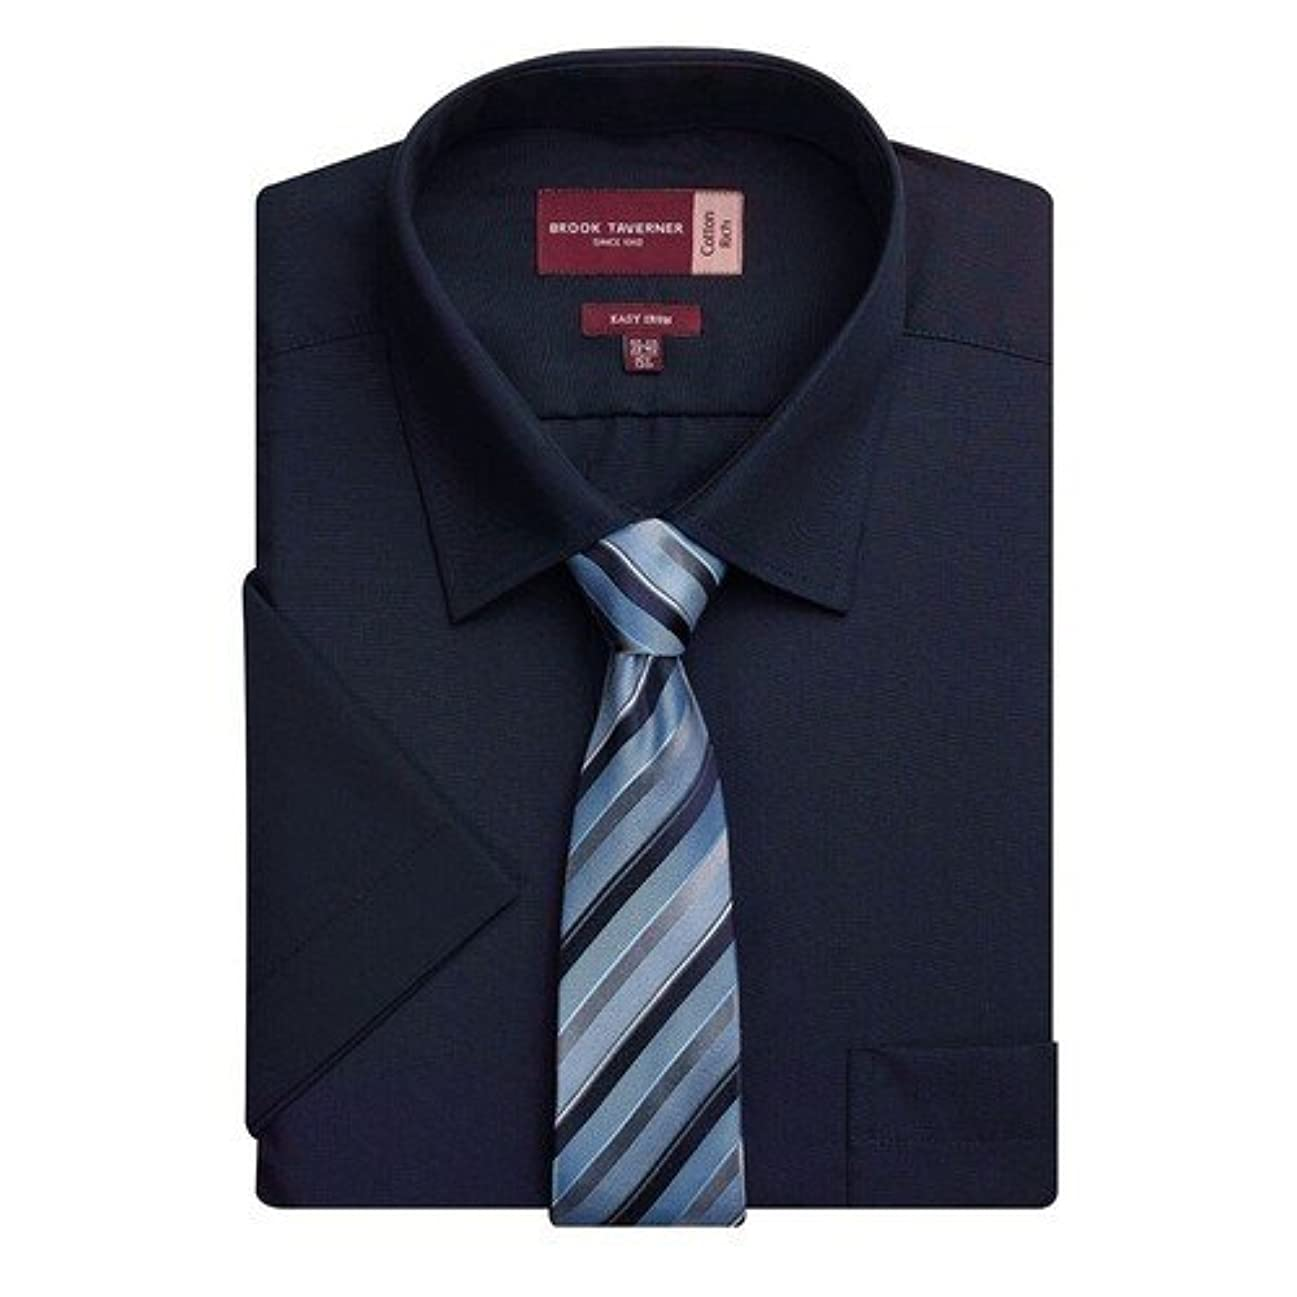 化学者乱気流トラクターBrook Tavernerスマートファッションロゼッロ半袖シャツワイシャツトップス男性用